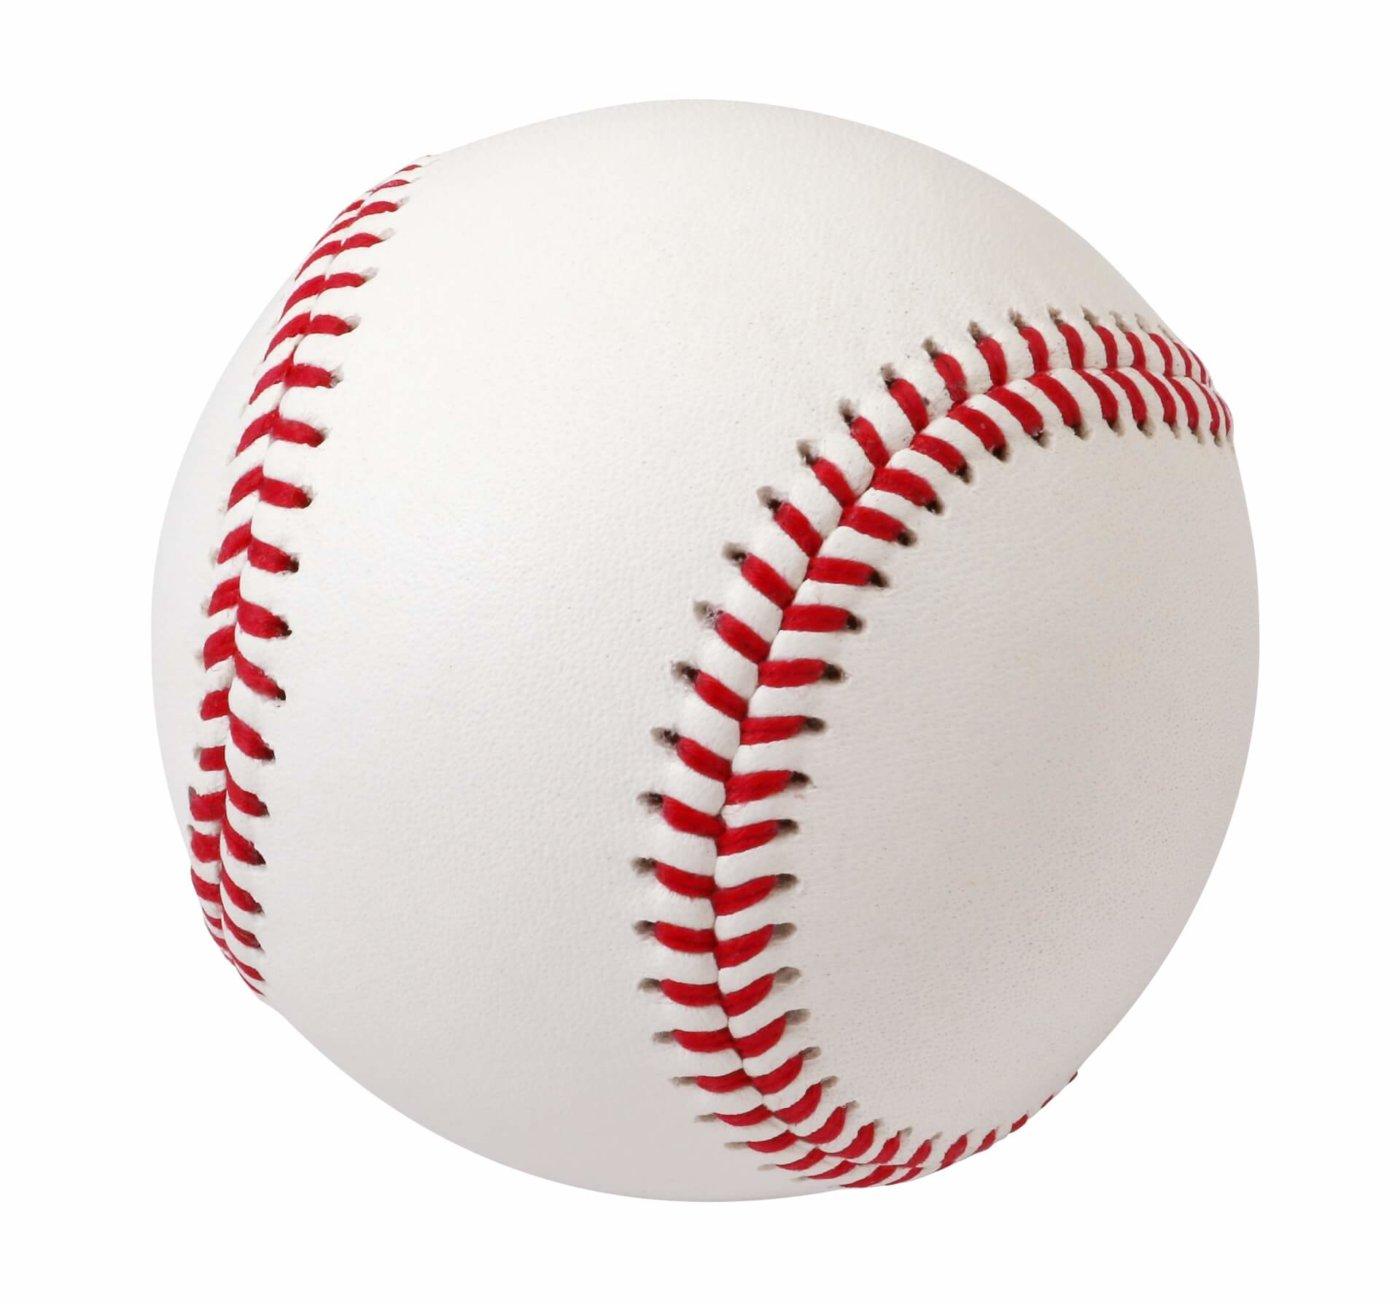 草野球のピッチャー必見!ボールの握り方